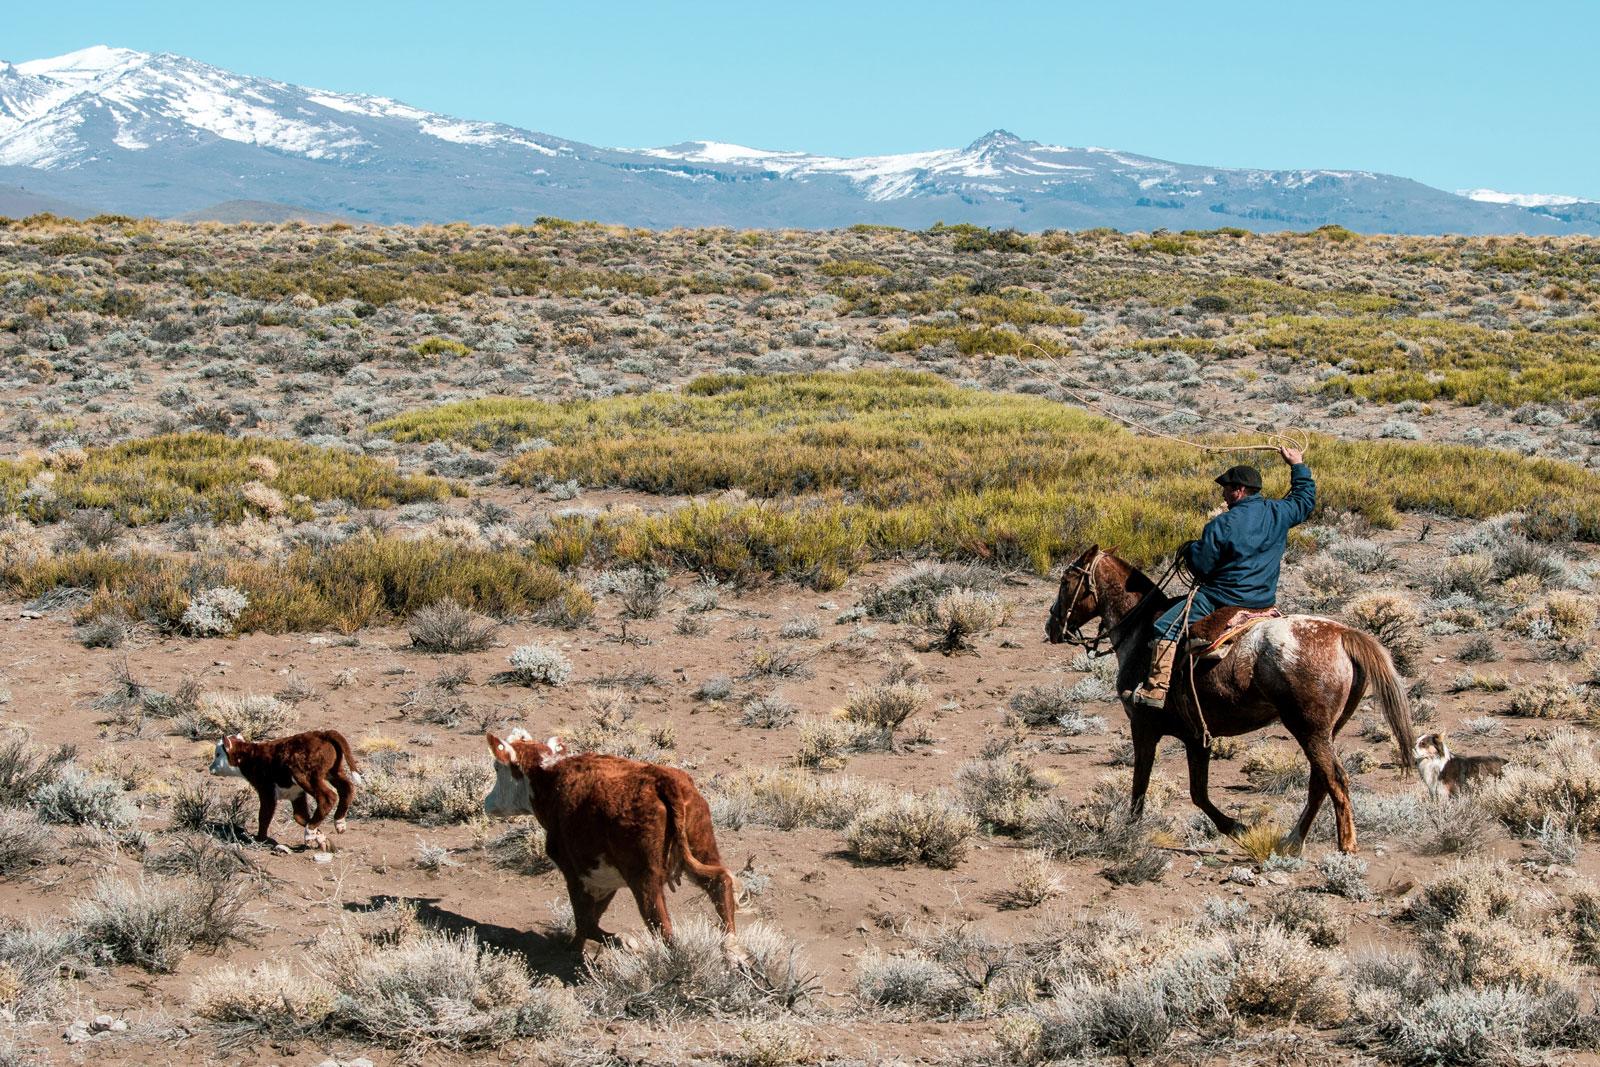 Gaucho. Photo Courtesy: Ben Girardi - Adventure in Argentina